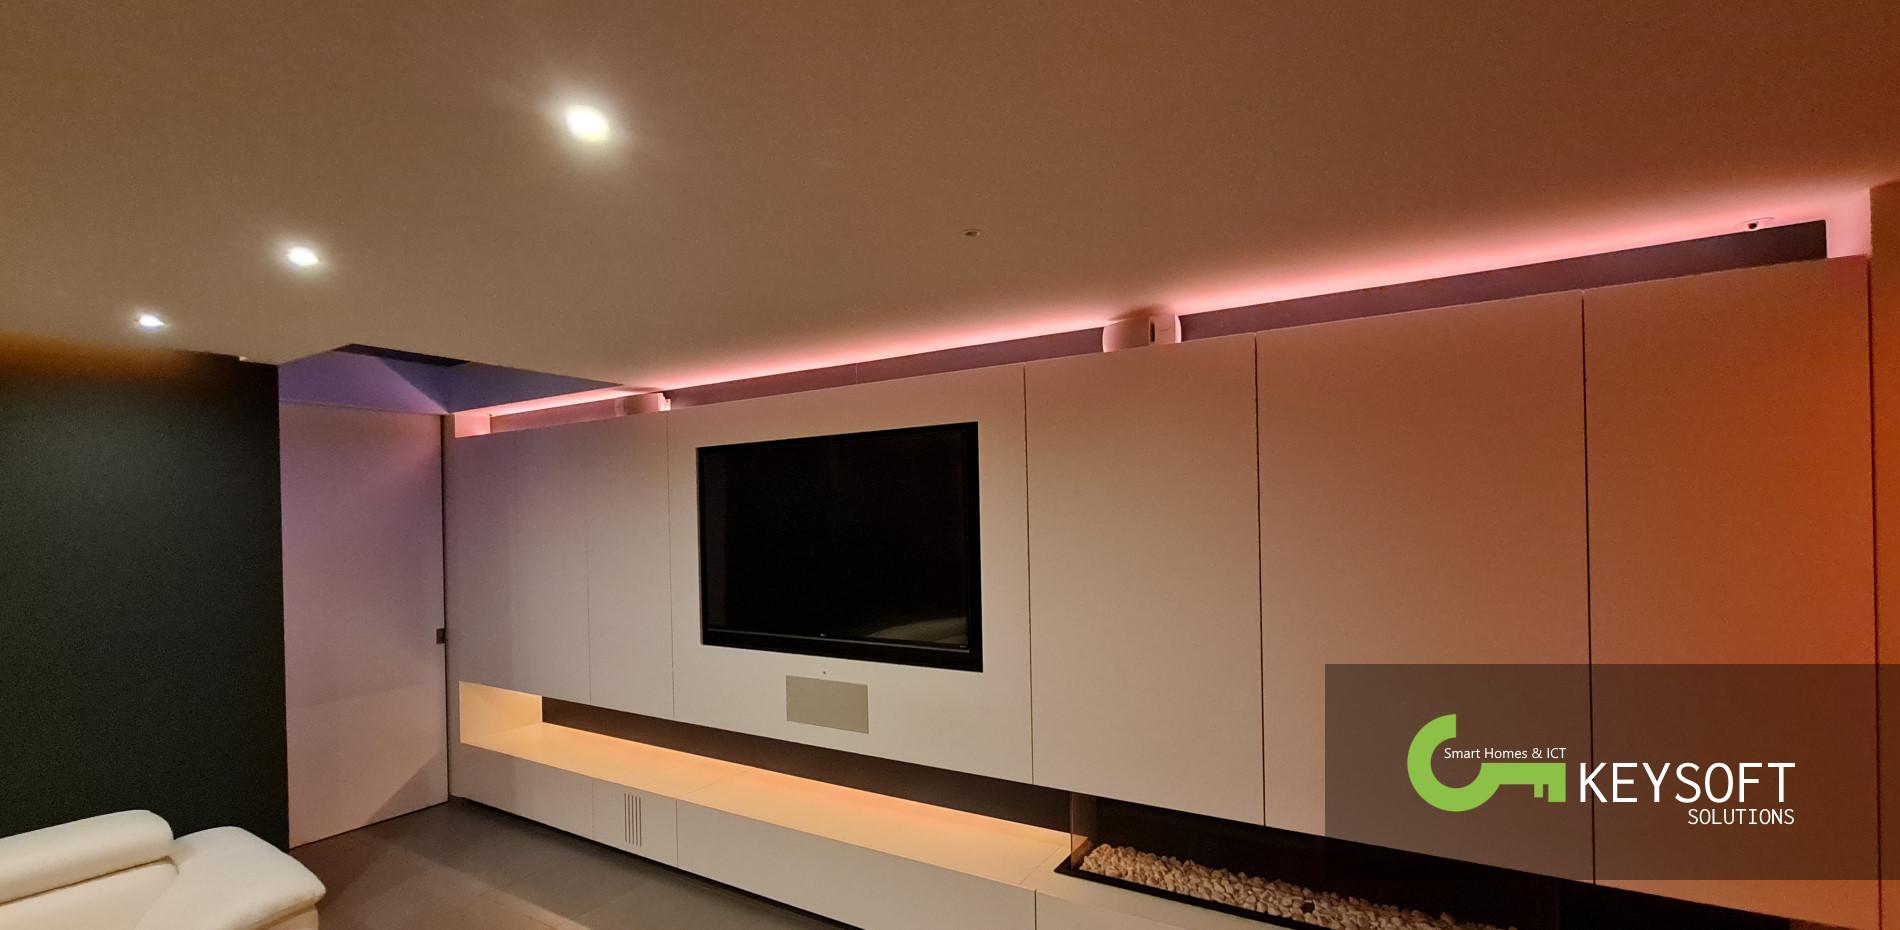 Keysoft-Solutions Smart Home Project - Woonhuis Geluwe - Hoofdafbeelding